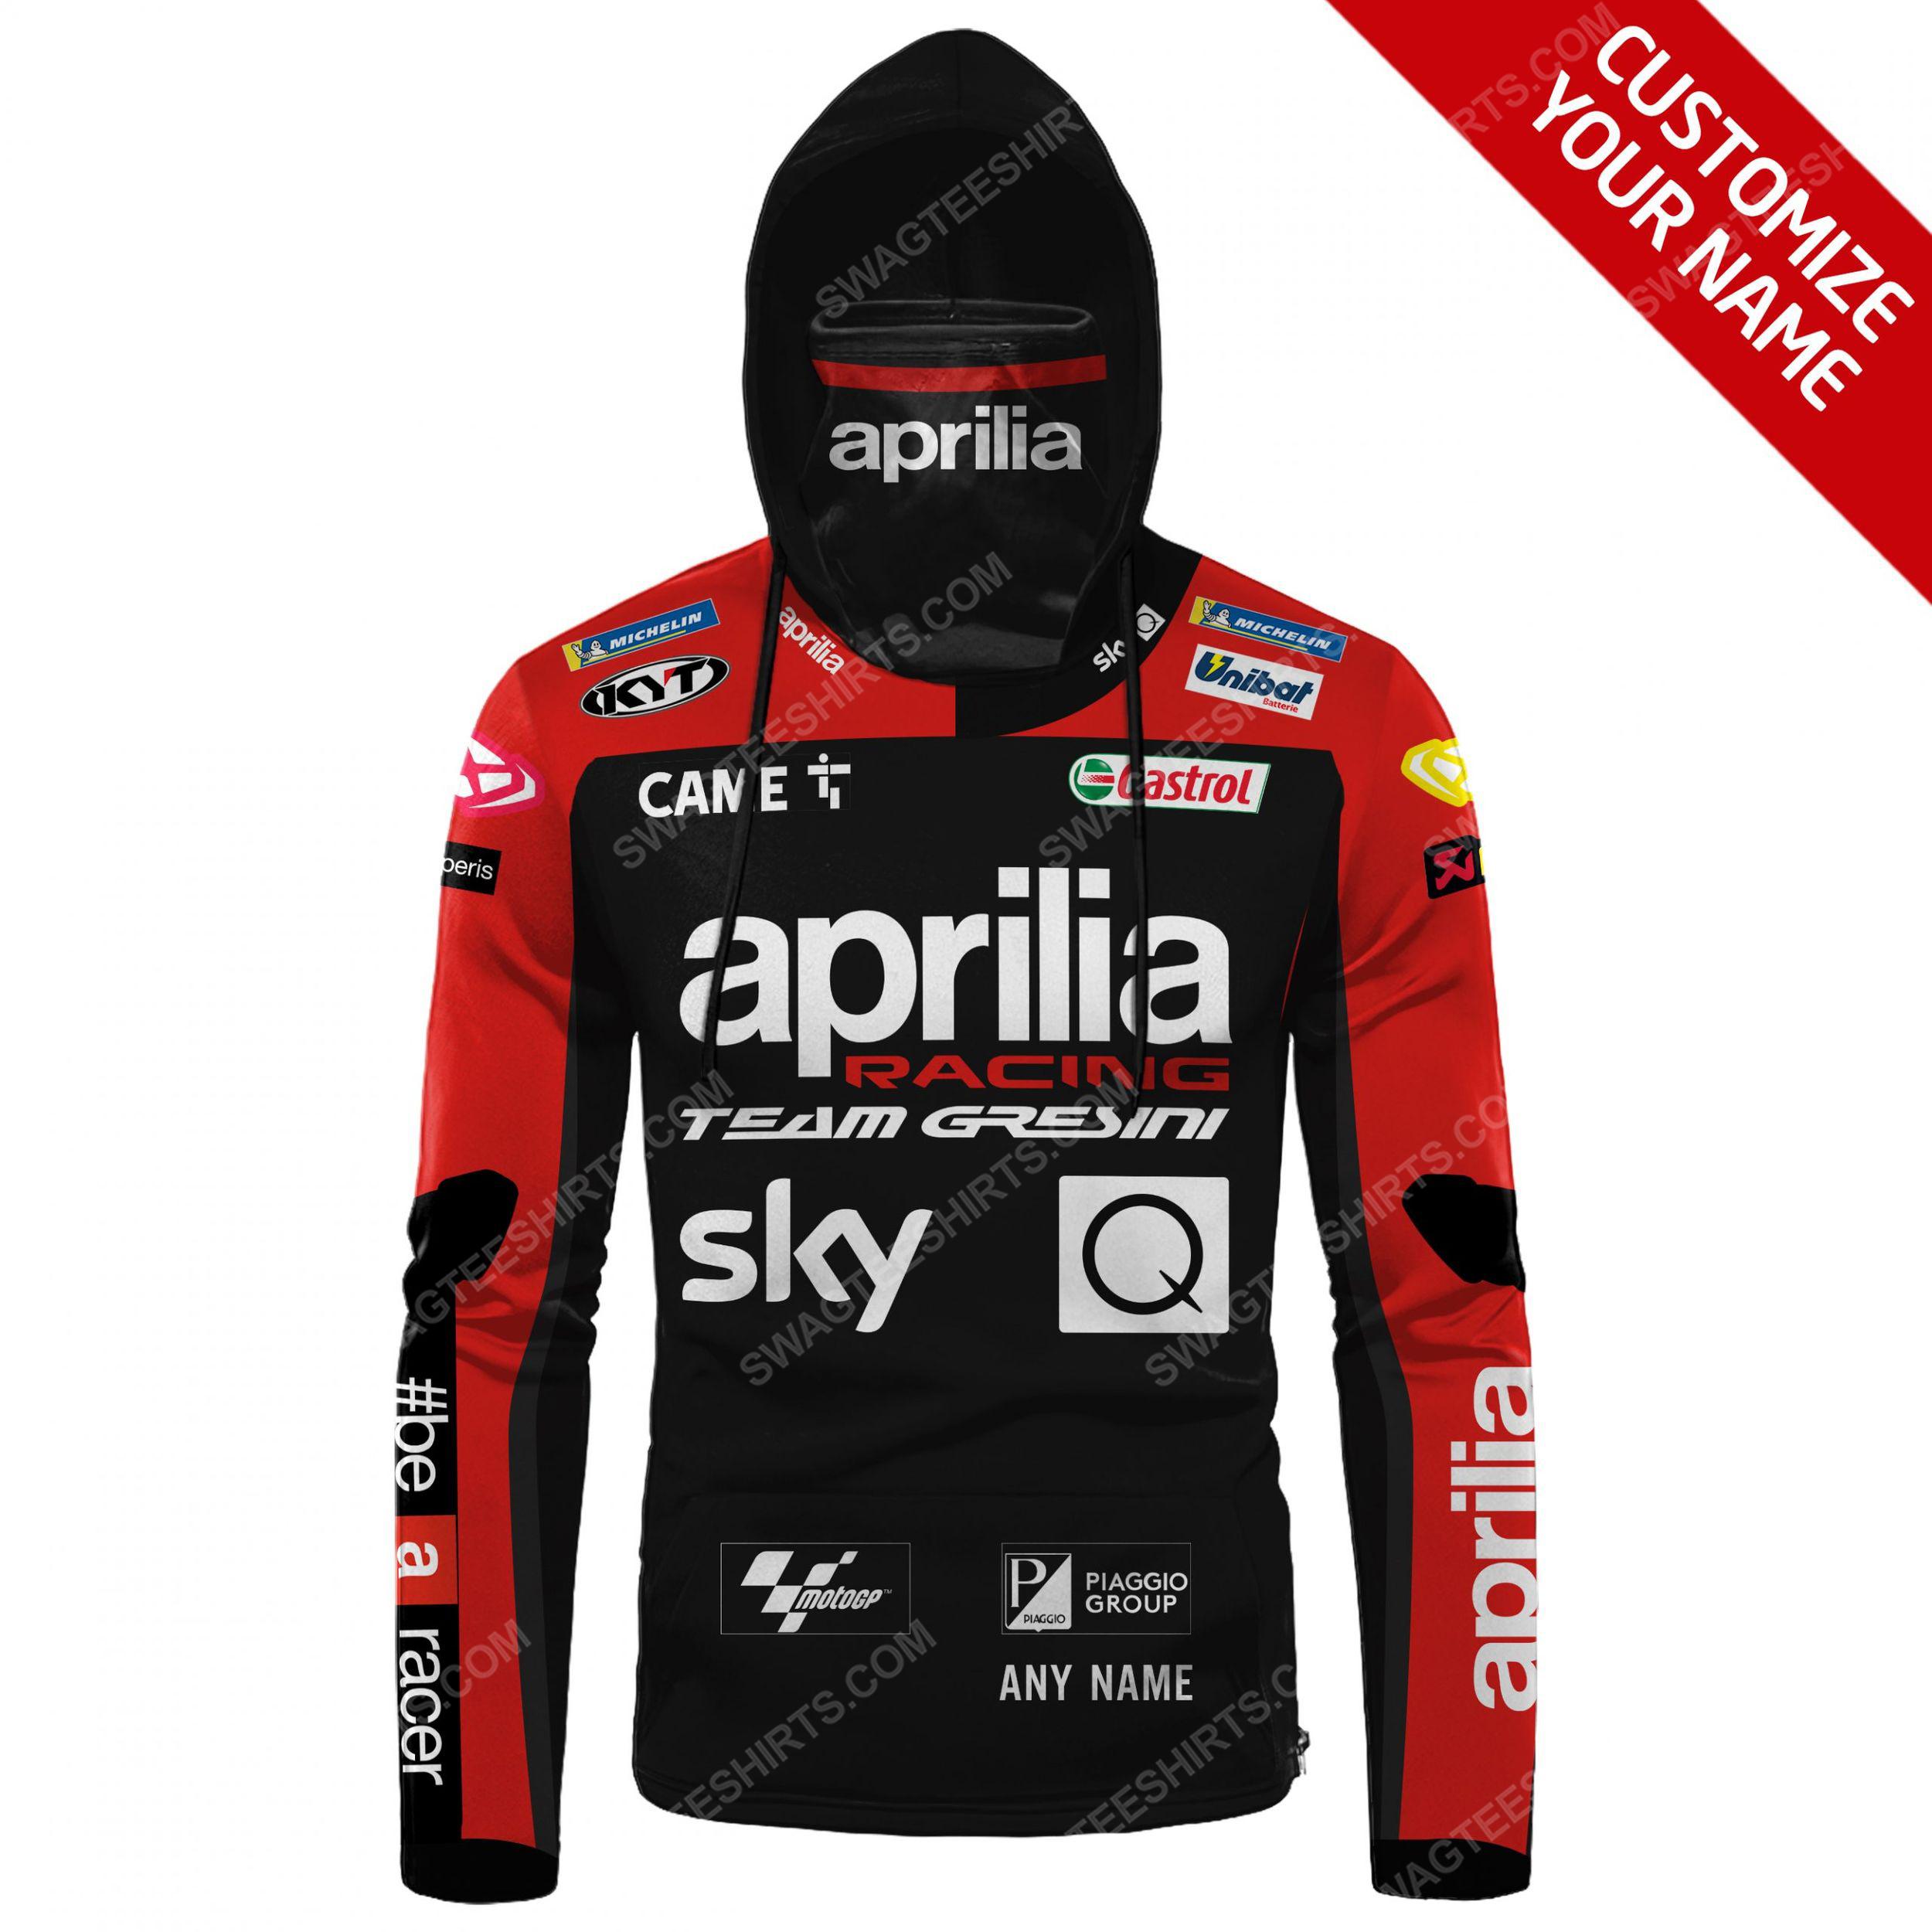 Custom name aprilia racing team gresini full print mask hoodie 2(1)